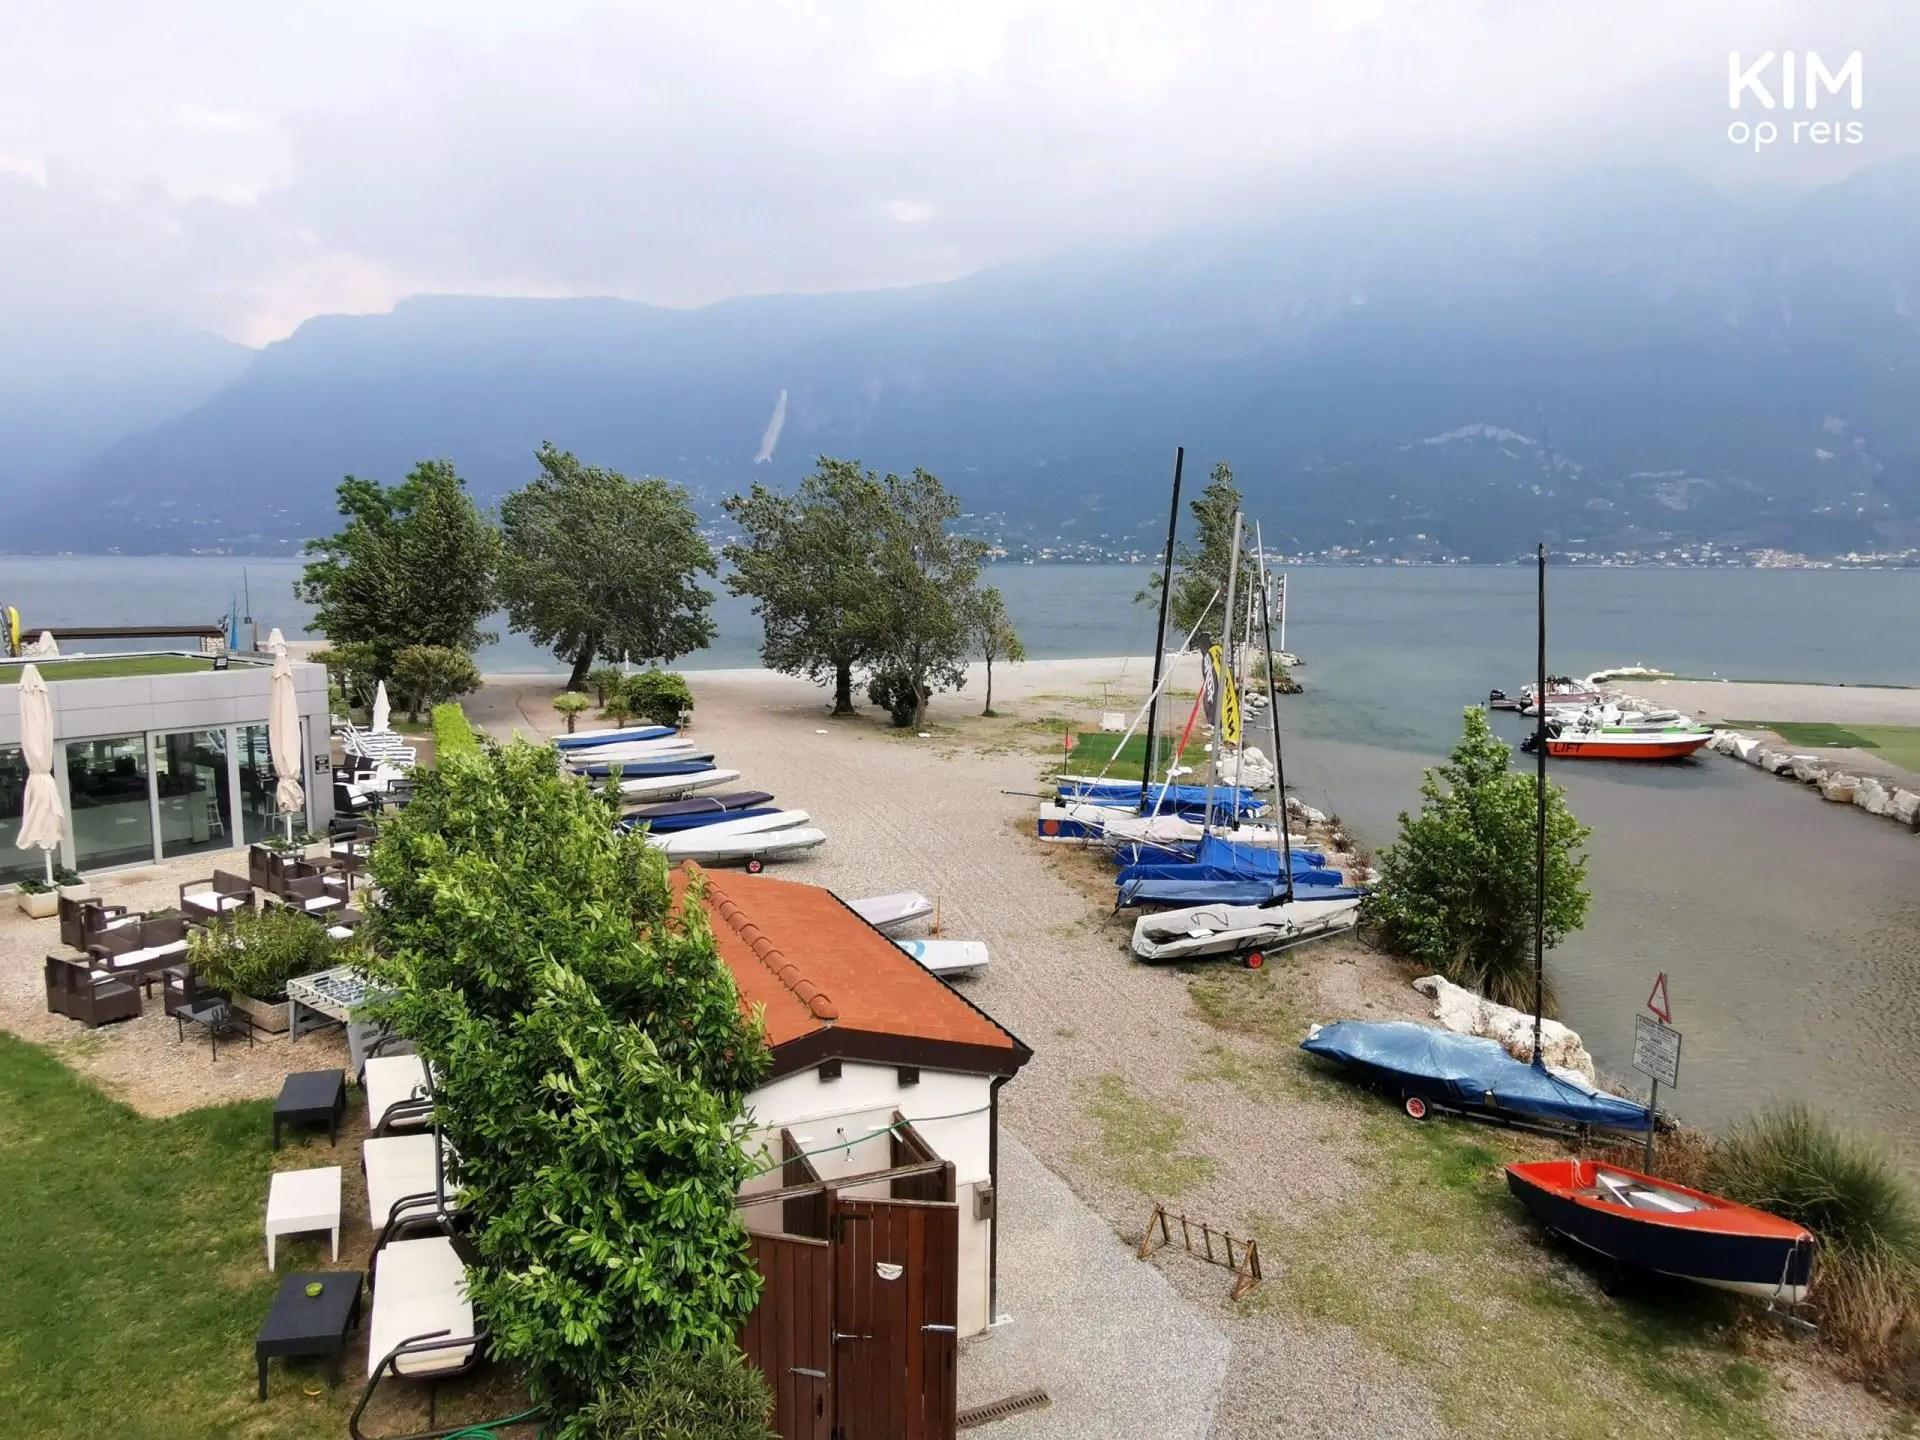 Camione aan het Gardameer - bovenaanzicht van een aantal boten aan land